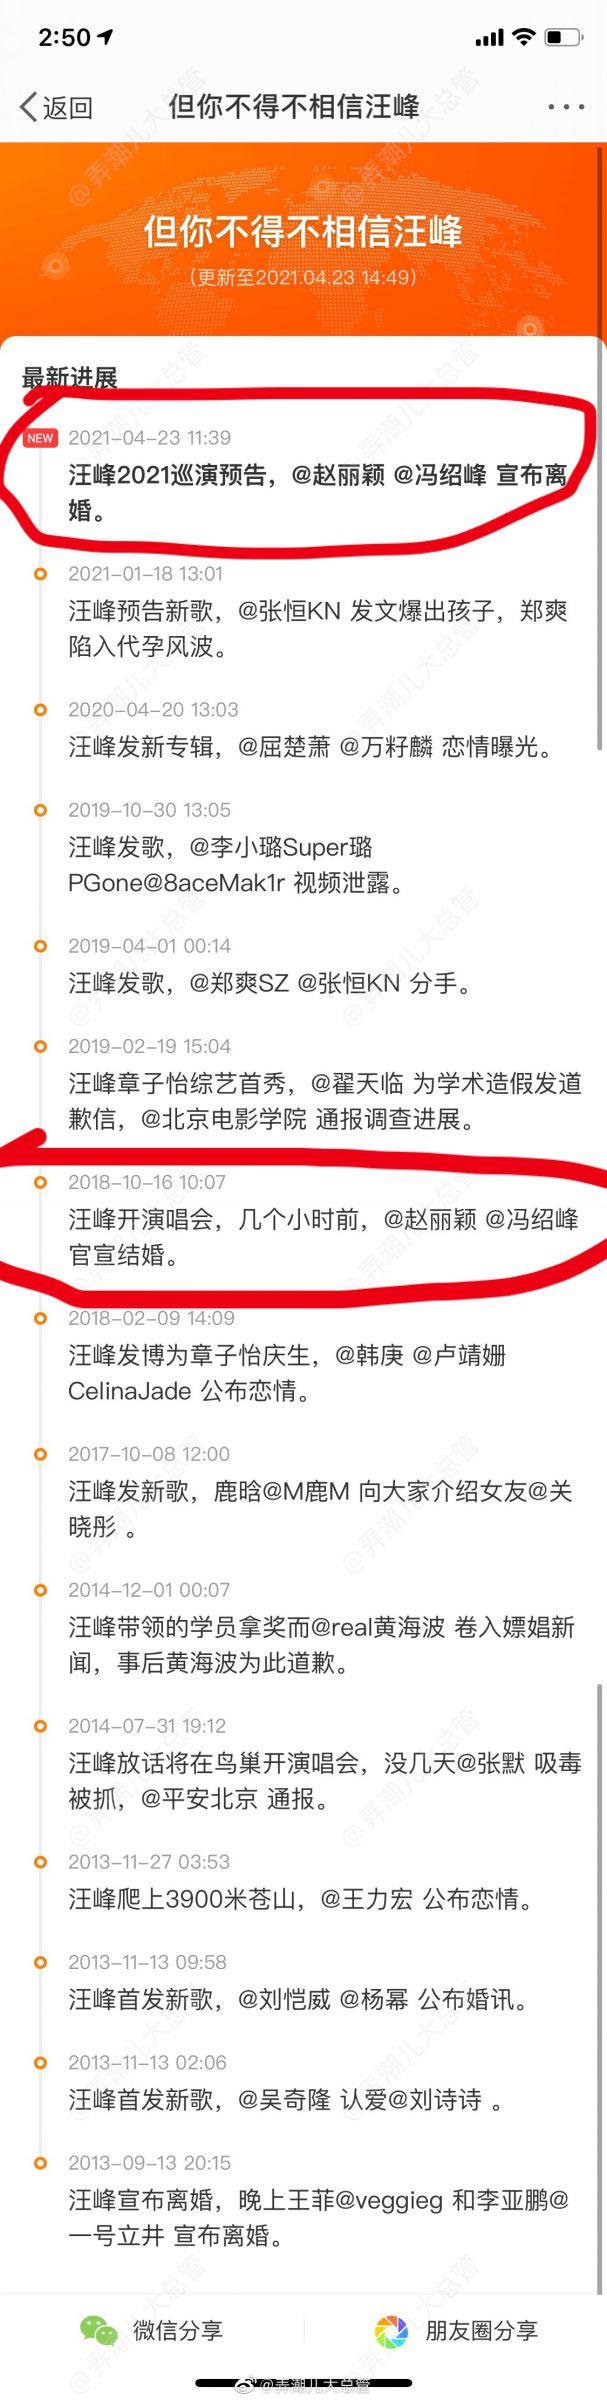 預言趙麗穎離婚!「汪峰定律」28次封神 網:不相信愛情,但要相信他